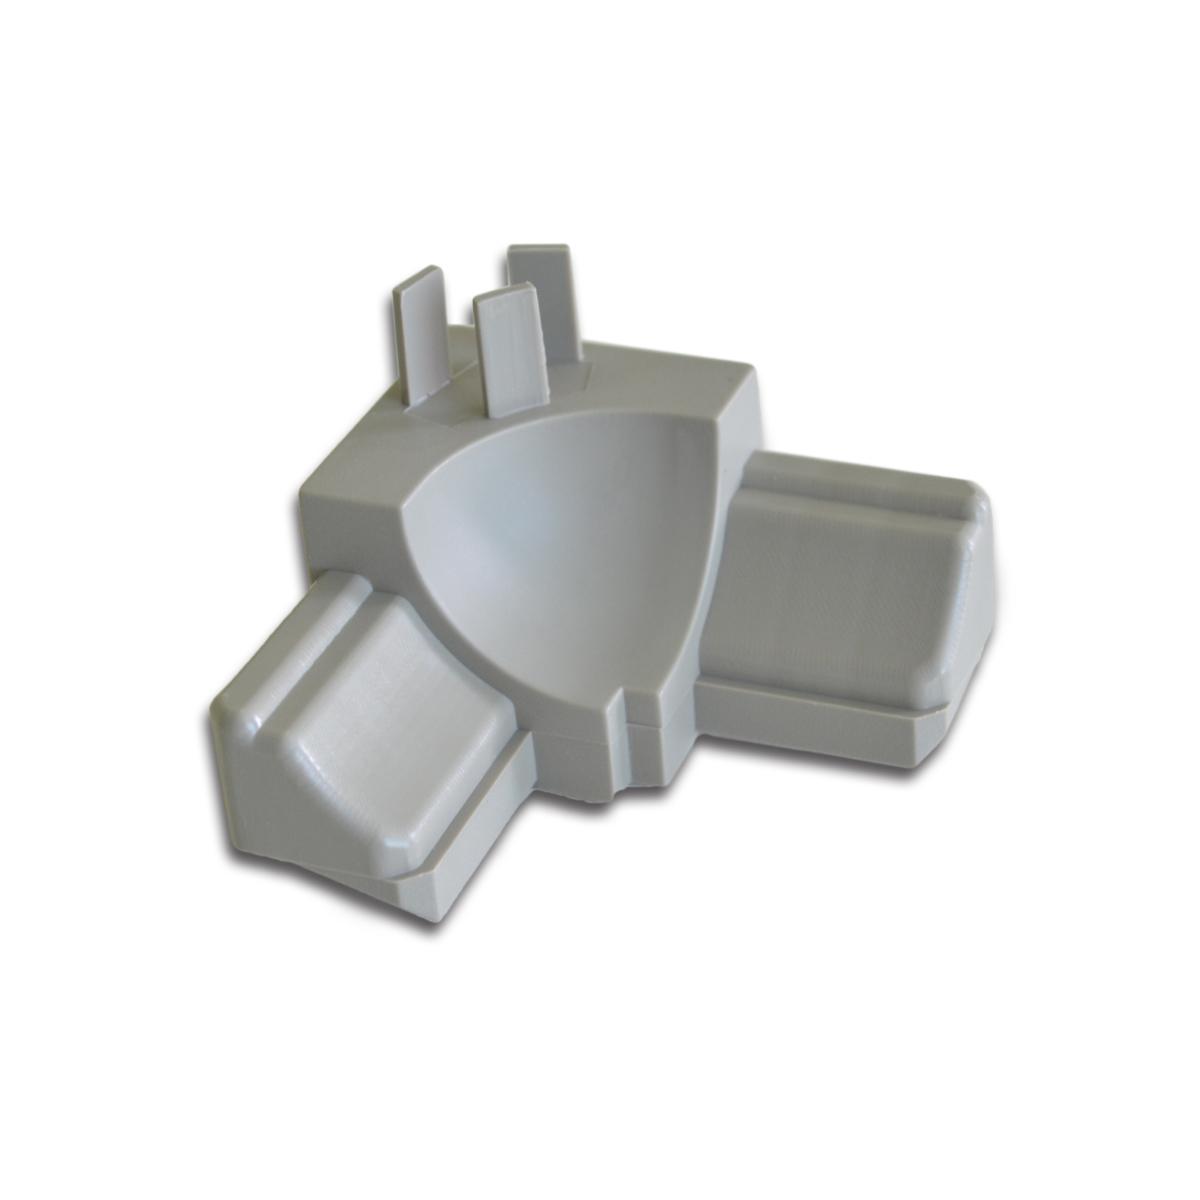 Giunti Accessori Coflex CRT Profilitec